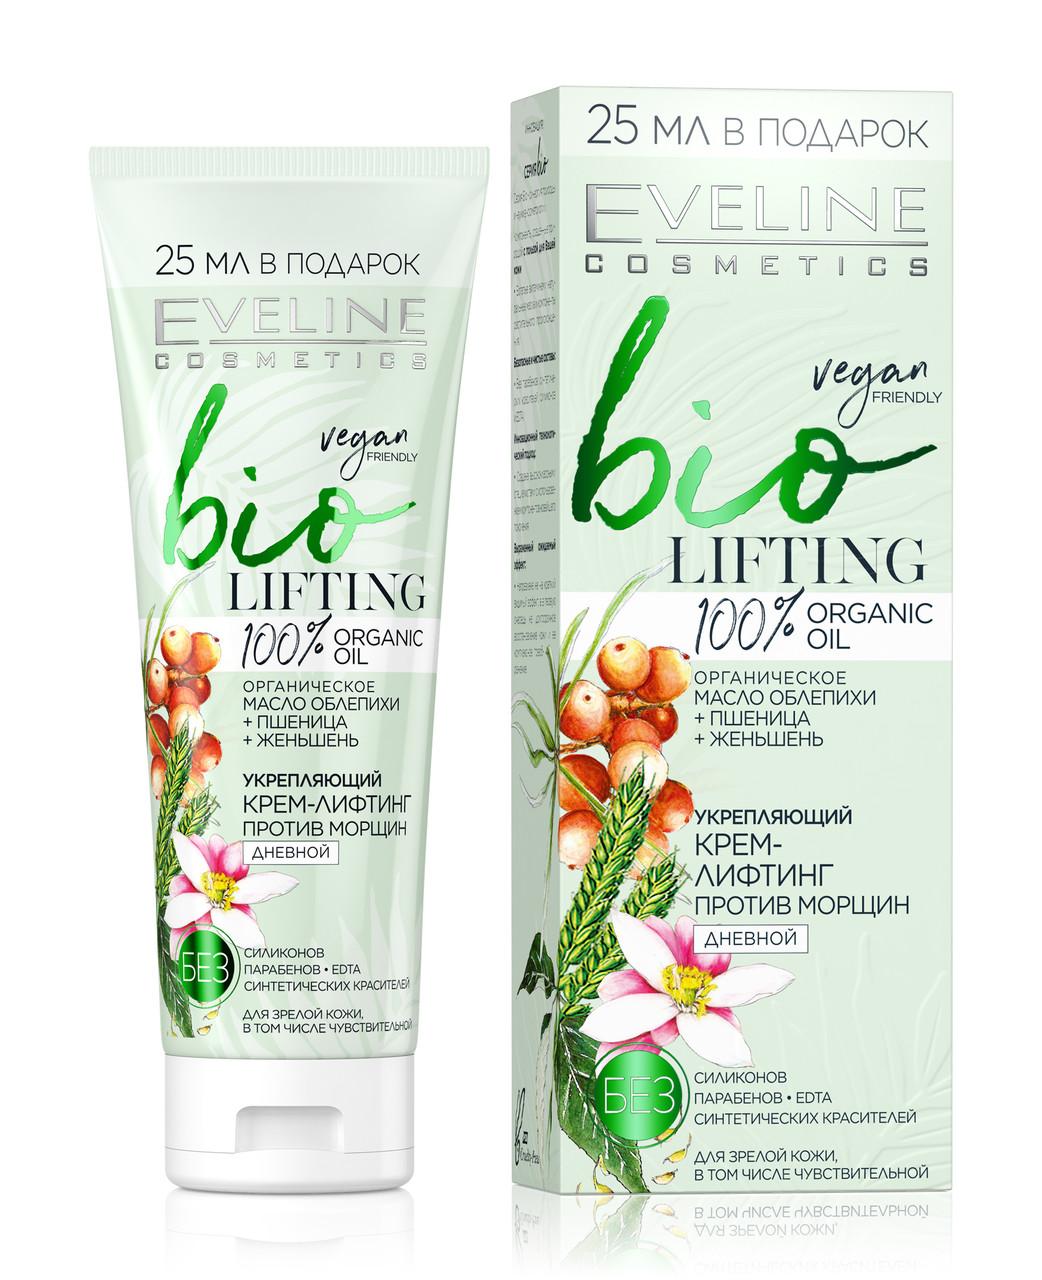 Крем лифтинг укрепляющий против морщин для лица день Bio Lifting Eveline Cosmetics, 75 мл, Эвелин